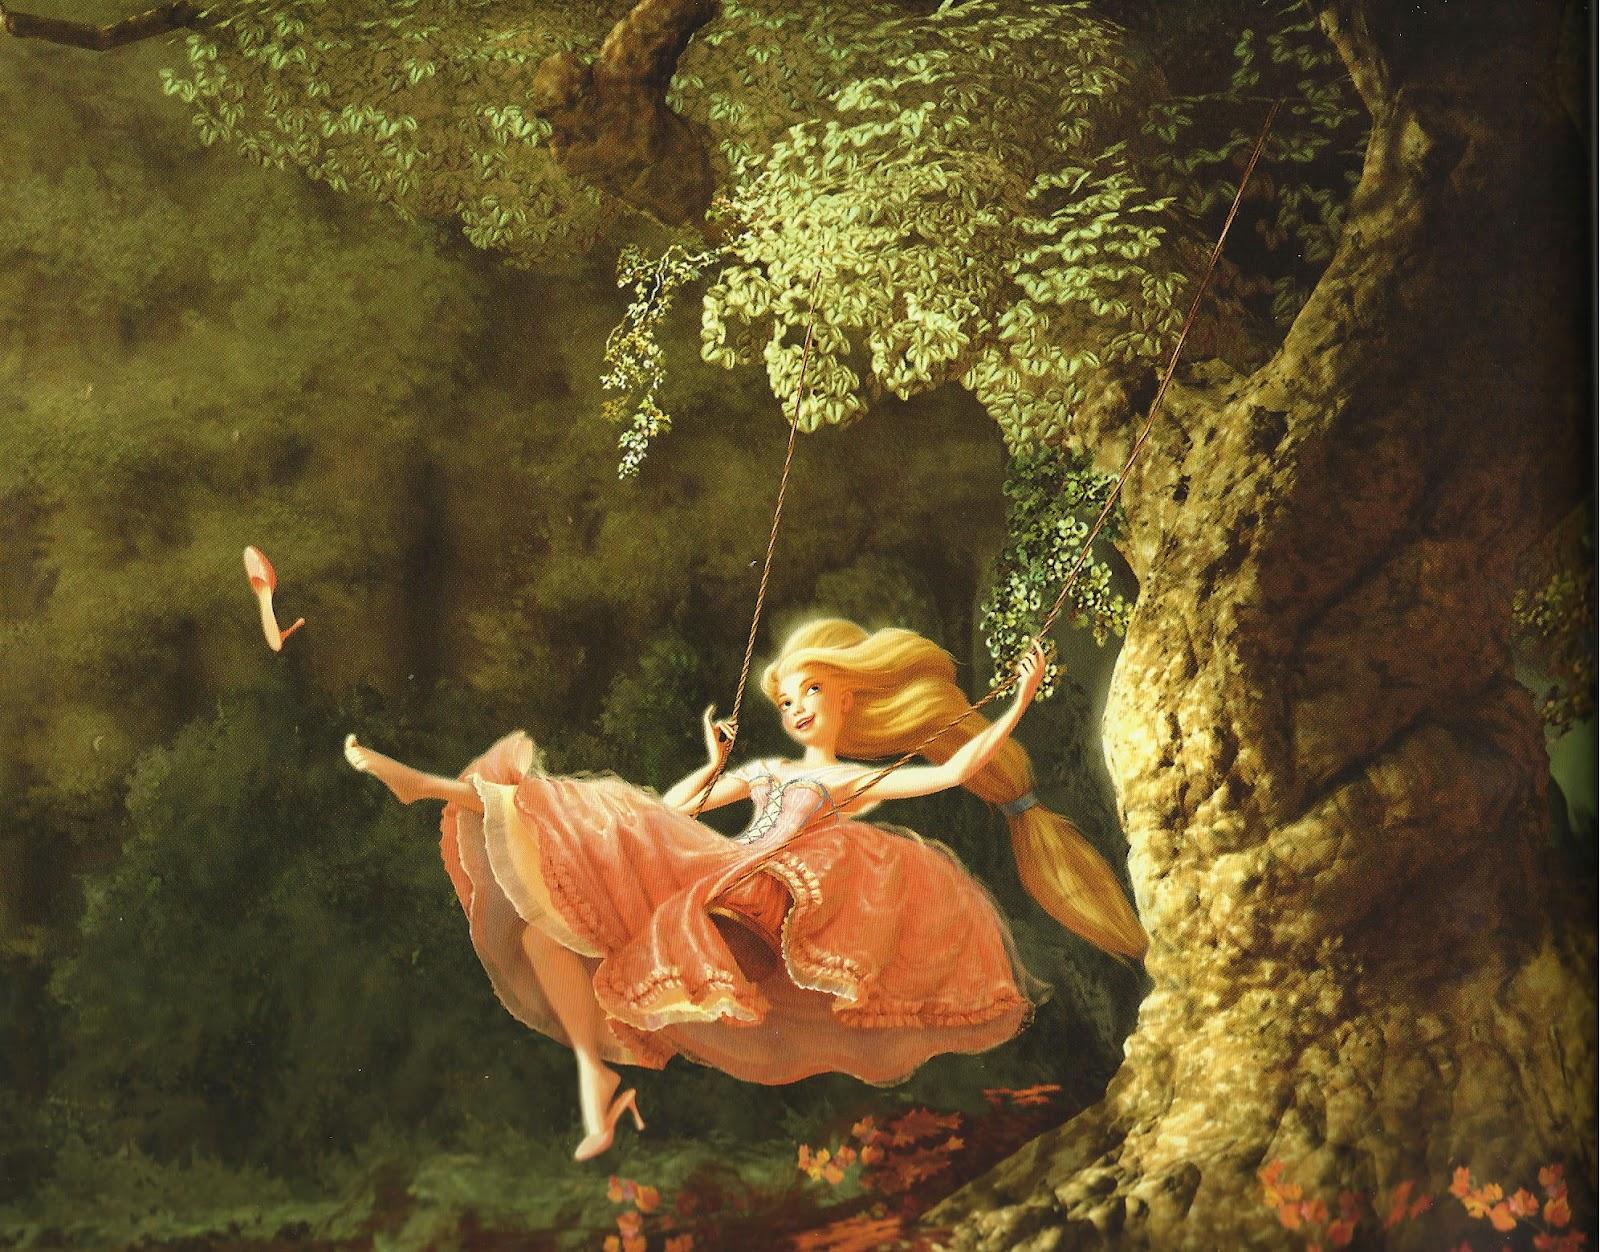 L'incroyable succès de La Reine des Neiges - Page 15 Rapunzel+on+swing